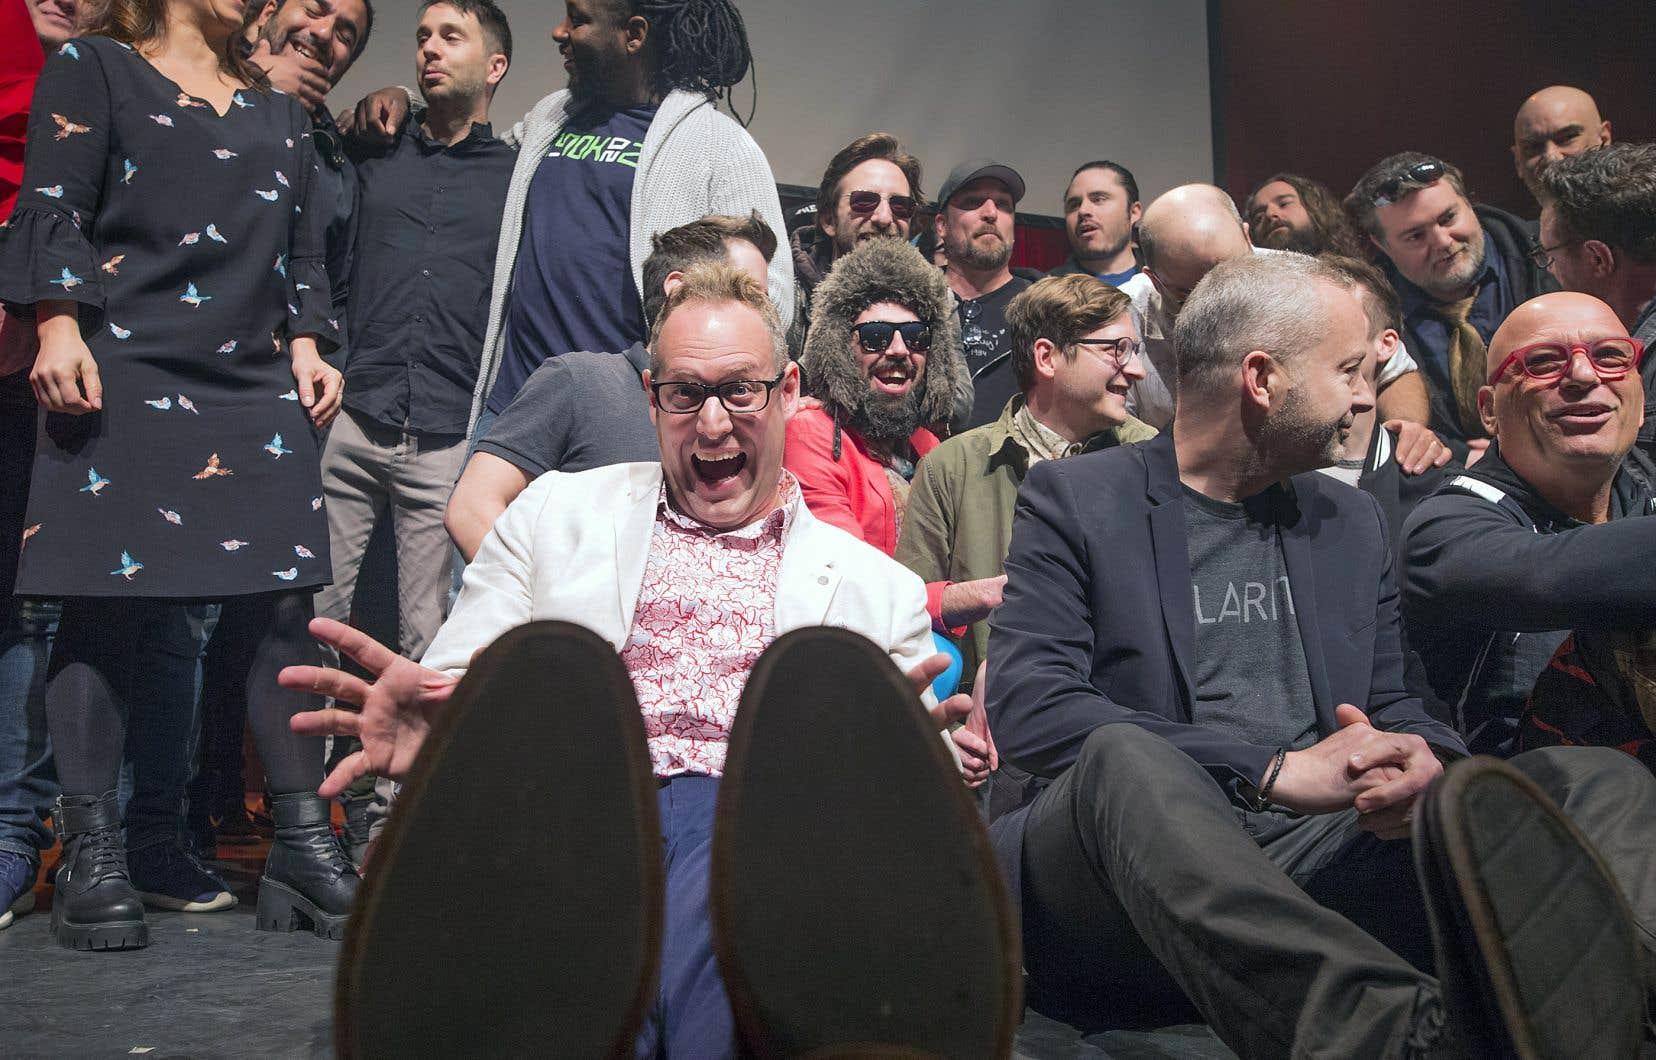 «Je m'appelle Patrick Rozon, mais vous pouvez m'appeler Patrick», avait blagué le porte-parole de l'événement, Patrick Rozon (au centre), mercredi, au lancement de la programmation du festival Juste pour rire, désirant garder une saine distance entre lui et l'entrepreneur déchu.